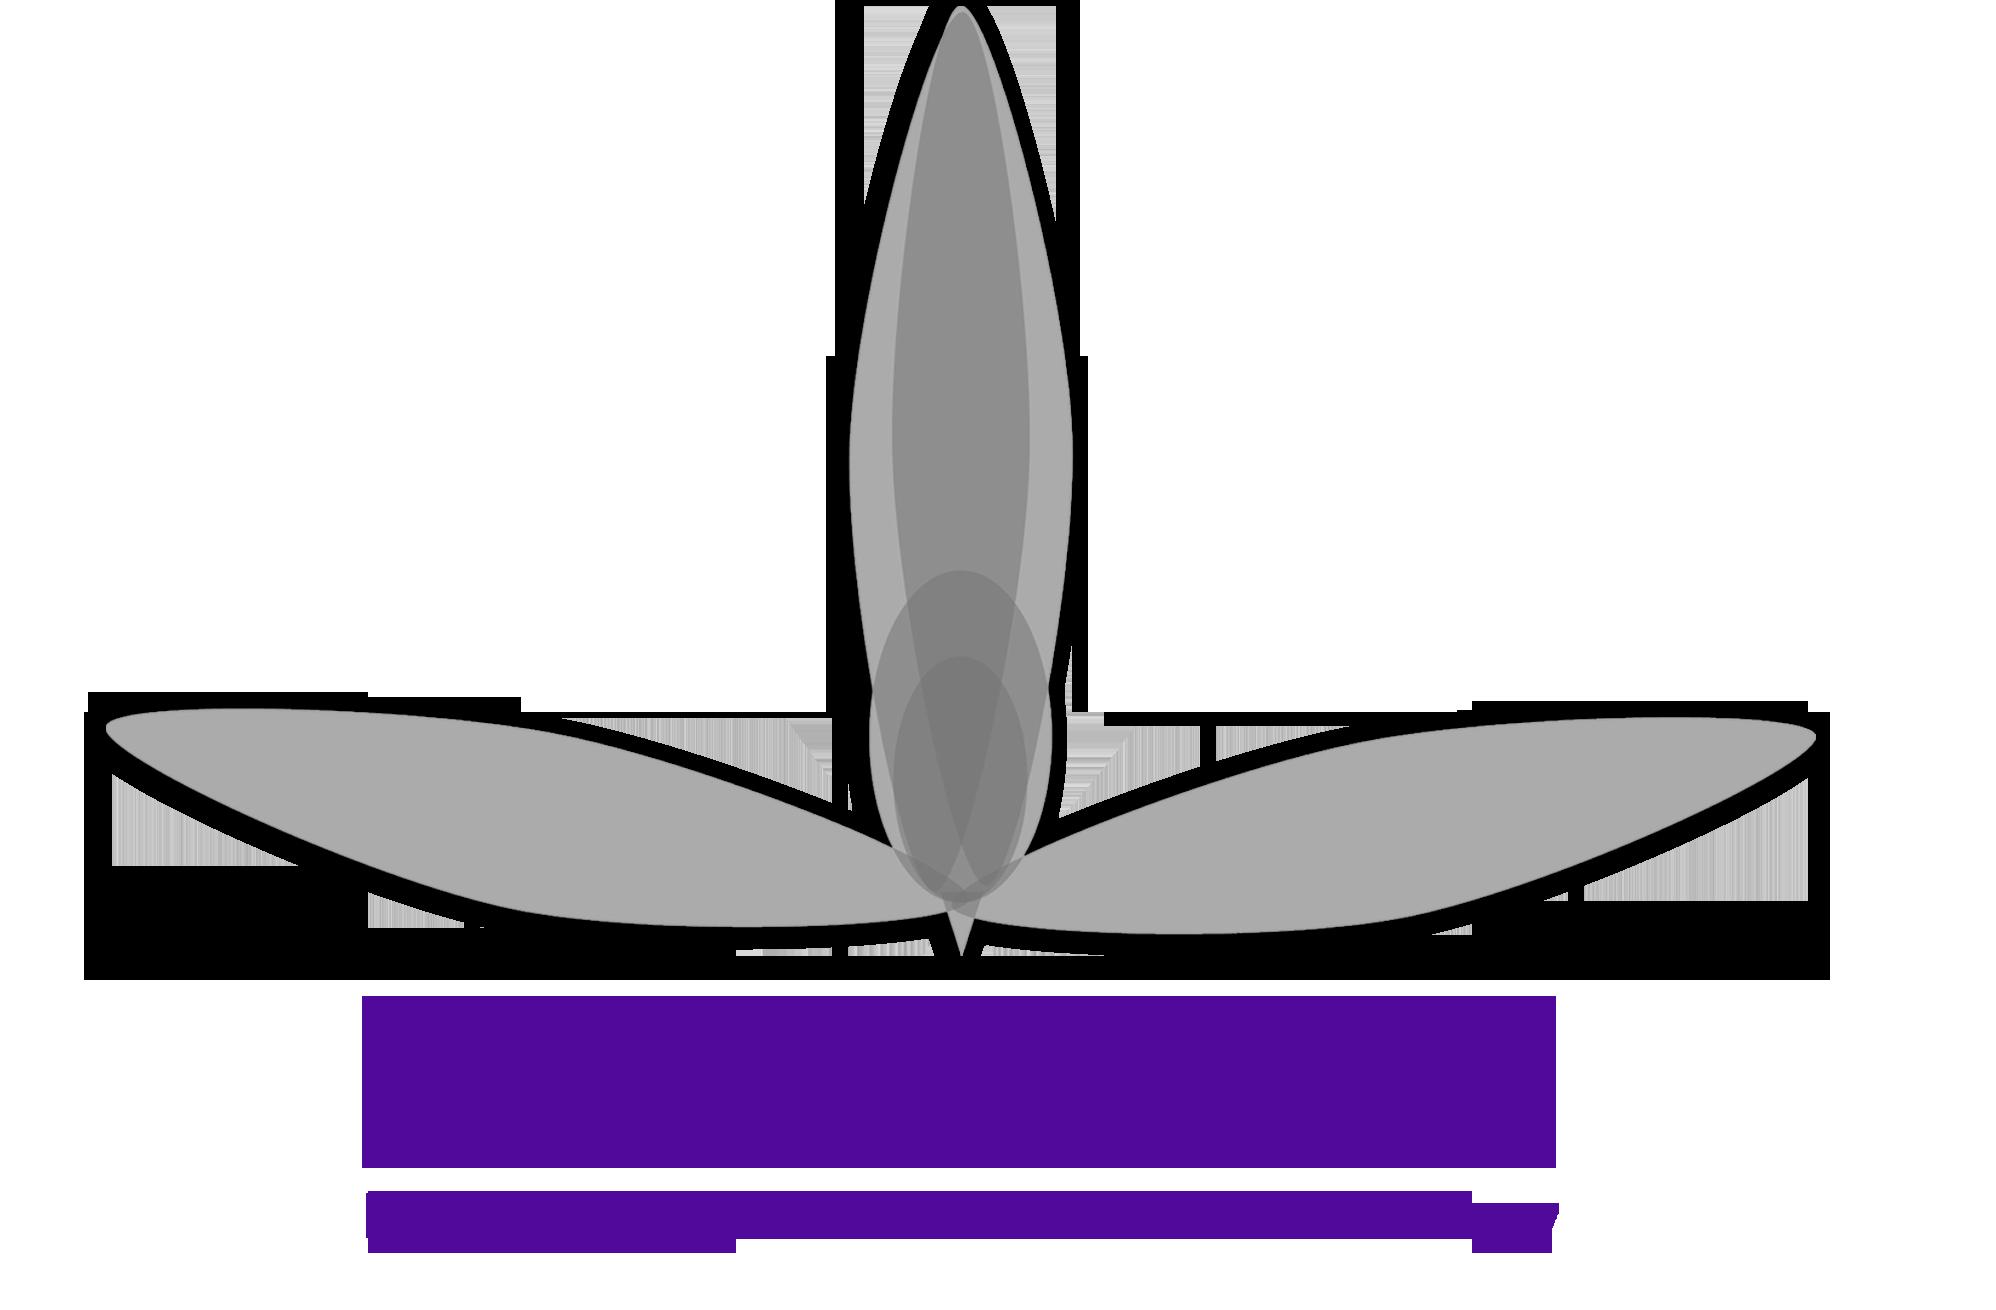 คณะเทคโนโลยีสื่อสารมวลชน มหาวิทยาลัยเทคโนโลยีราชมงคลพระนคร